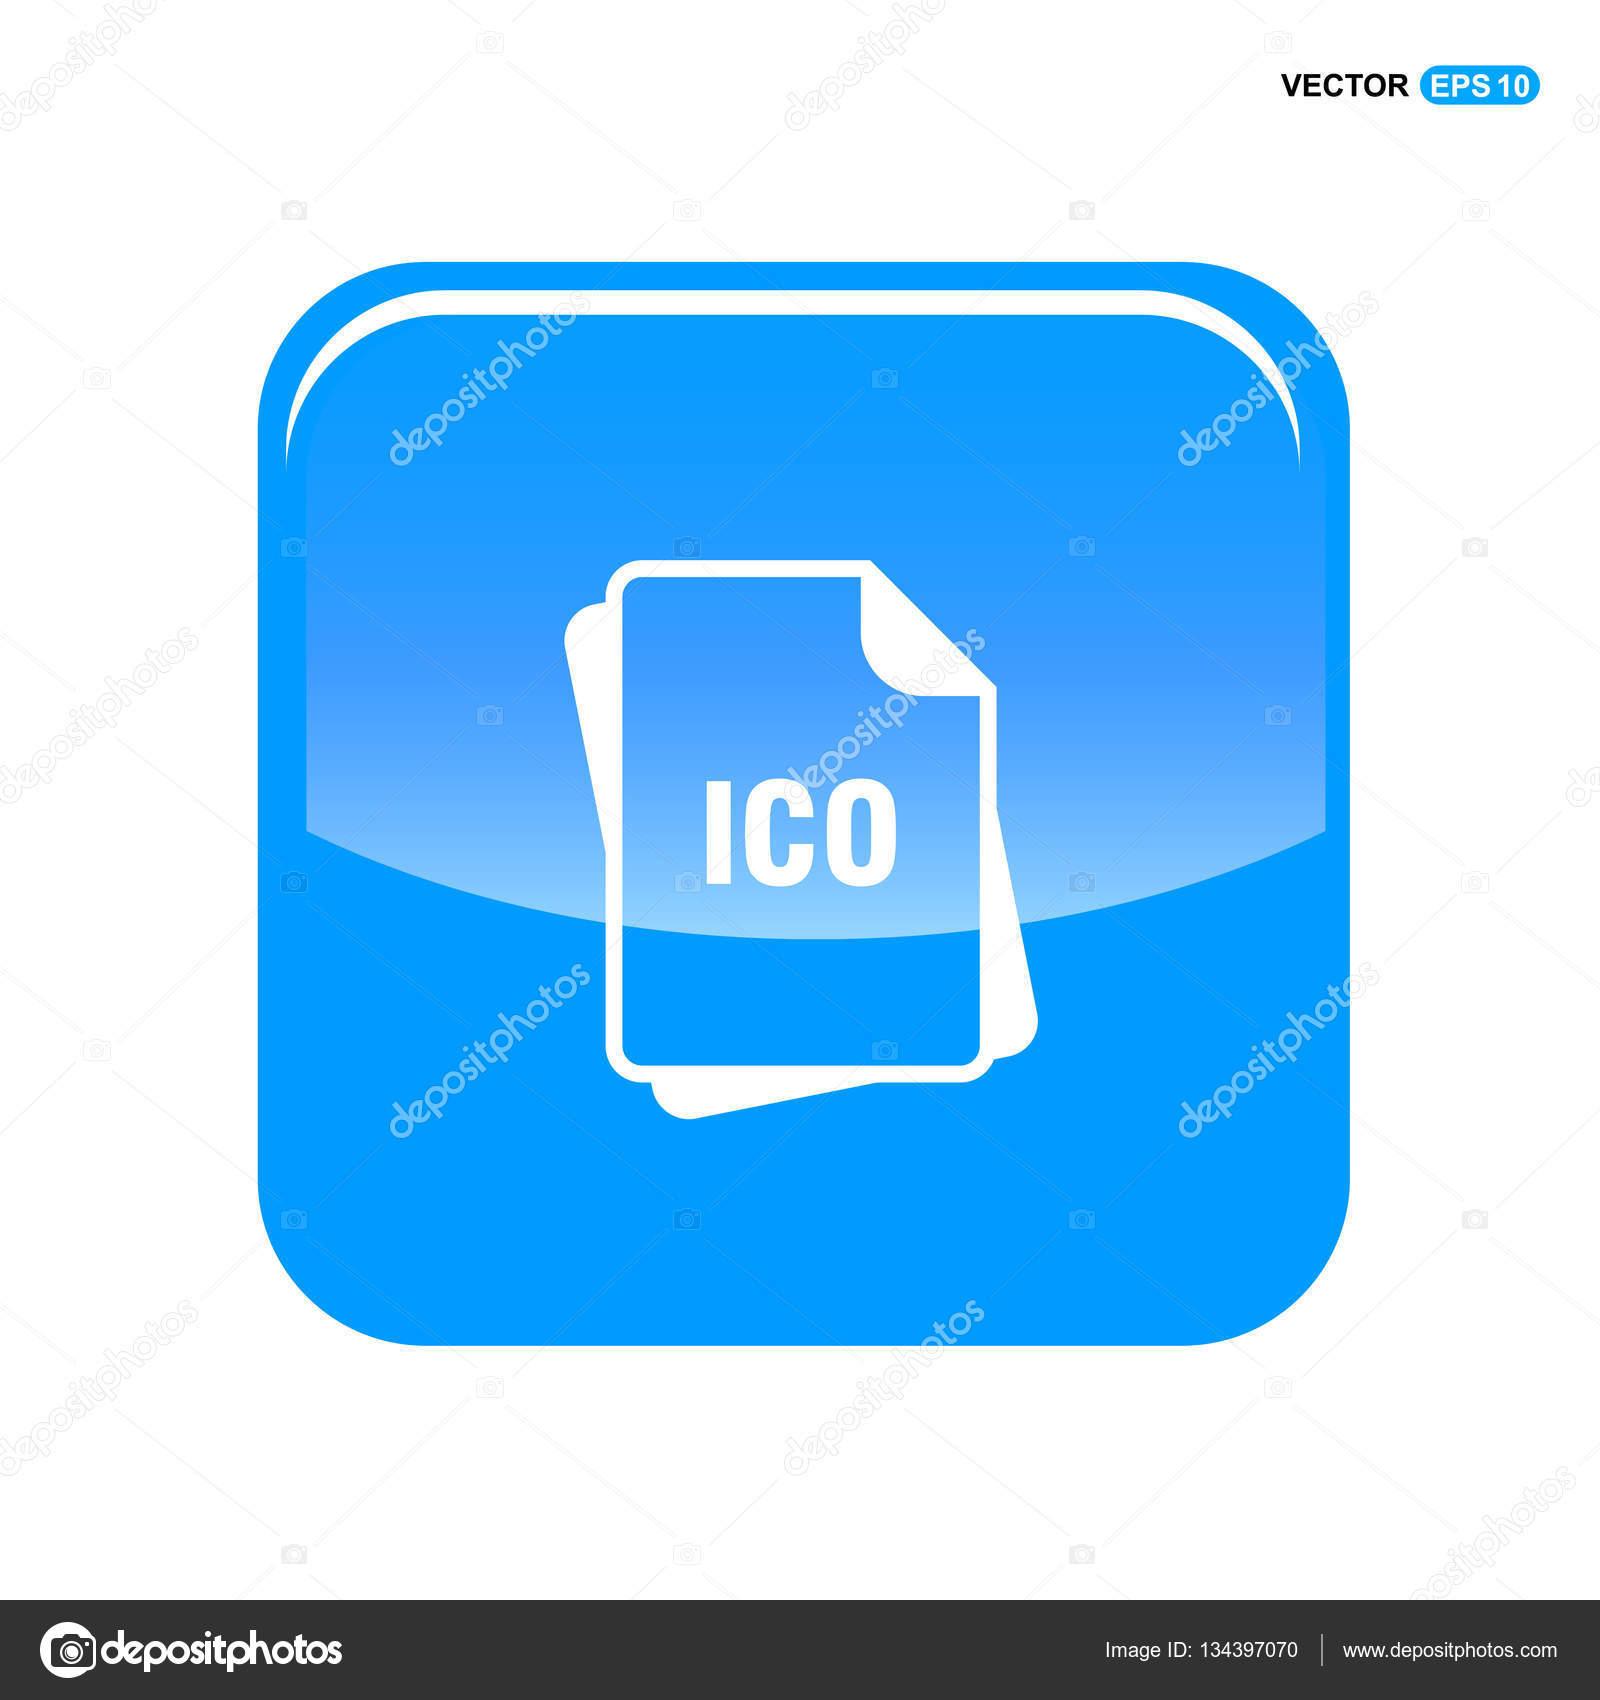 Картинки формата ico скачать